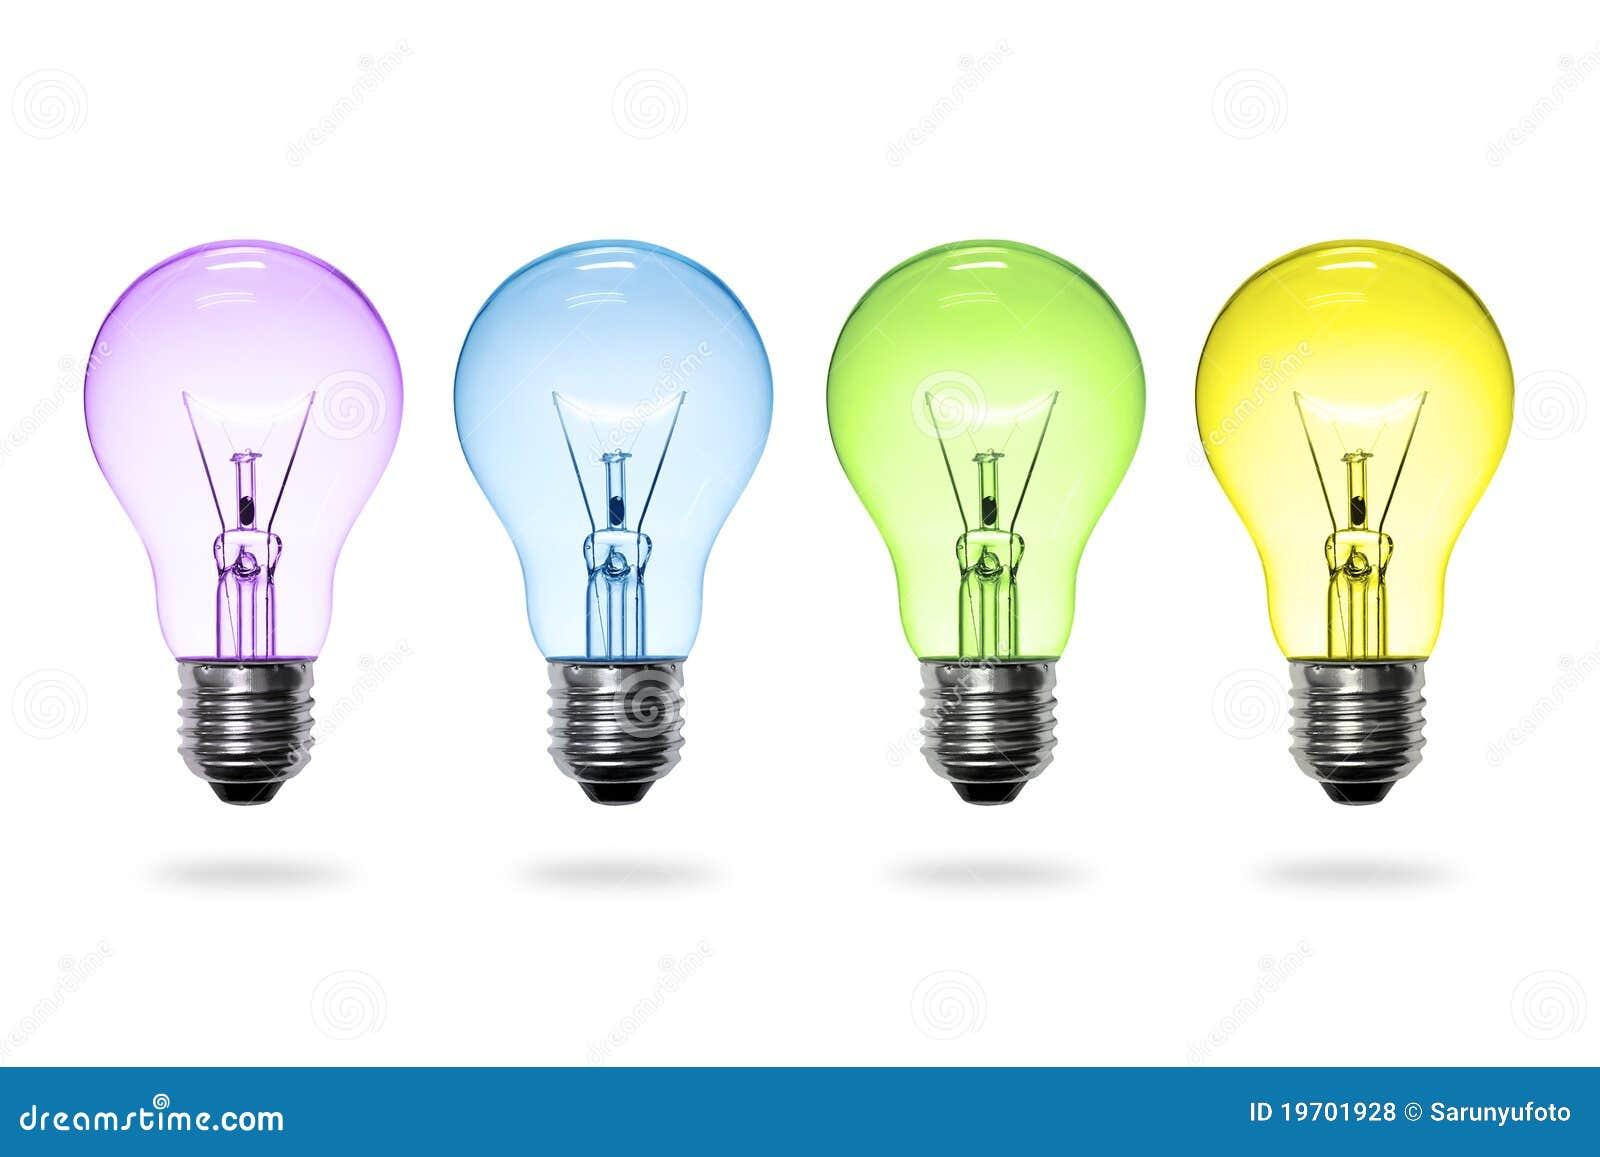 ampoule colore - Ampoule Colore